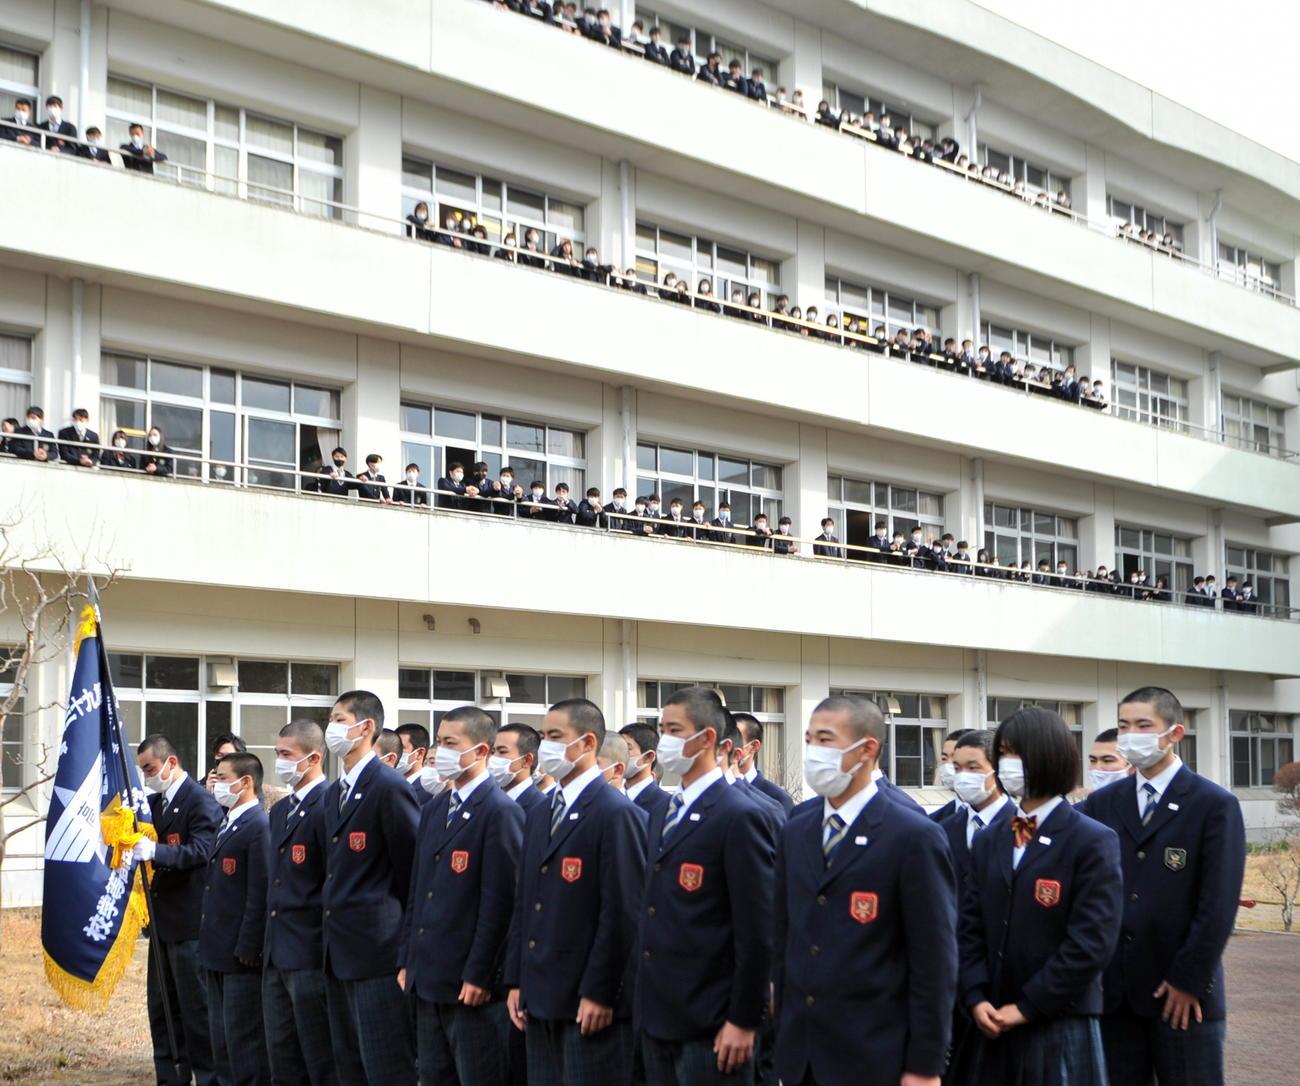 柴田の壮行会は新型コロナウイルス感染防止のため母校中庭で行われ、一般生徒は各教室ベランダから見守る